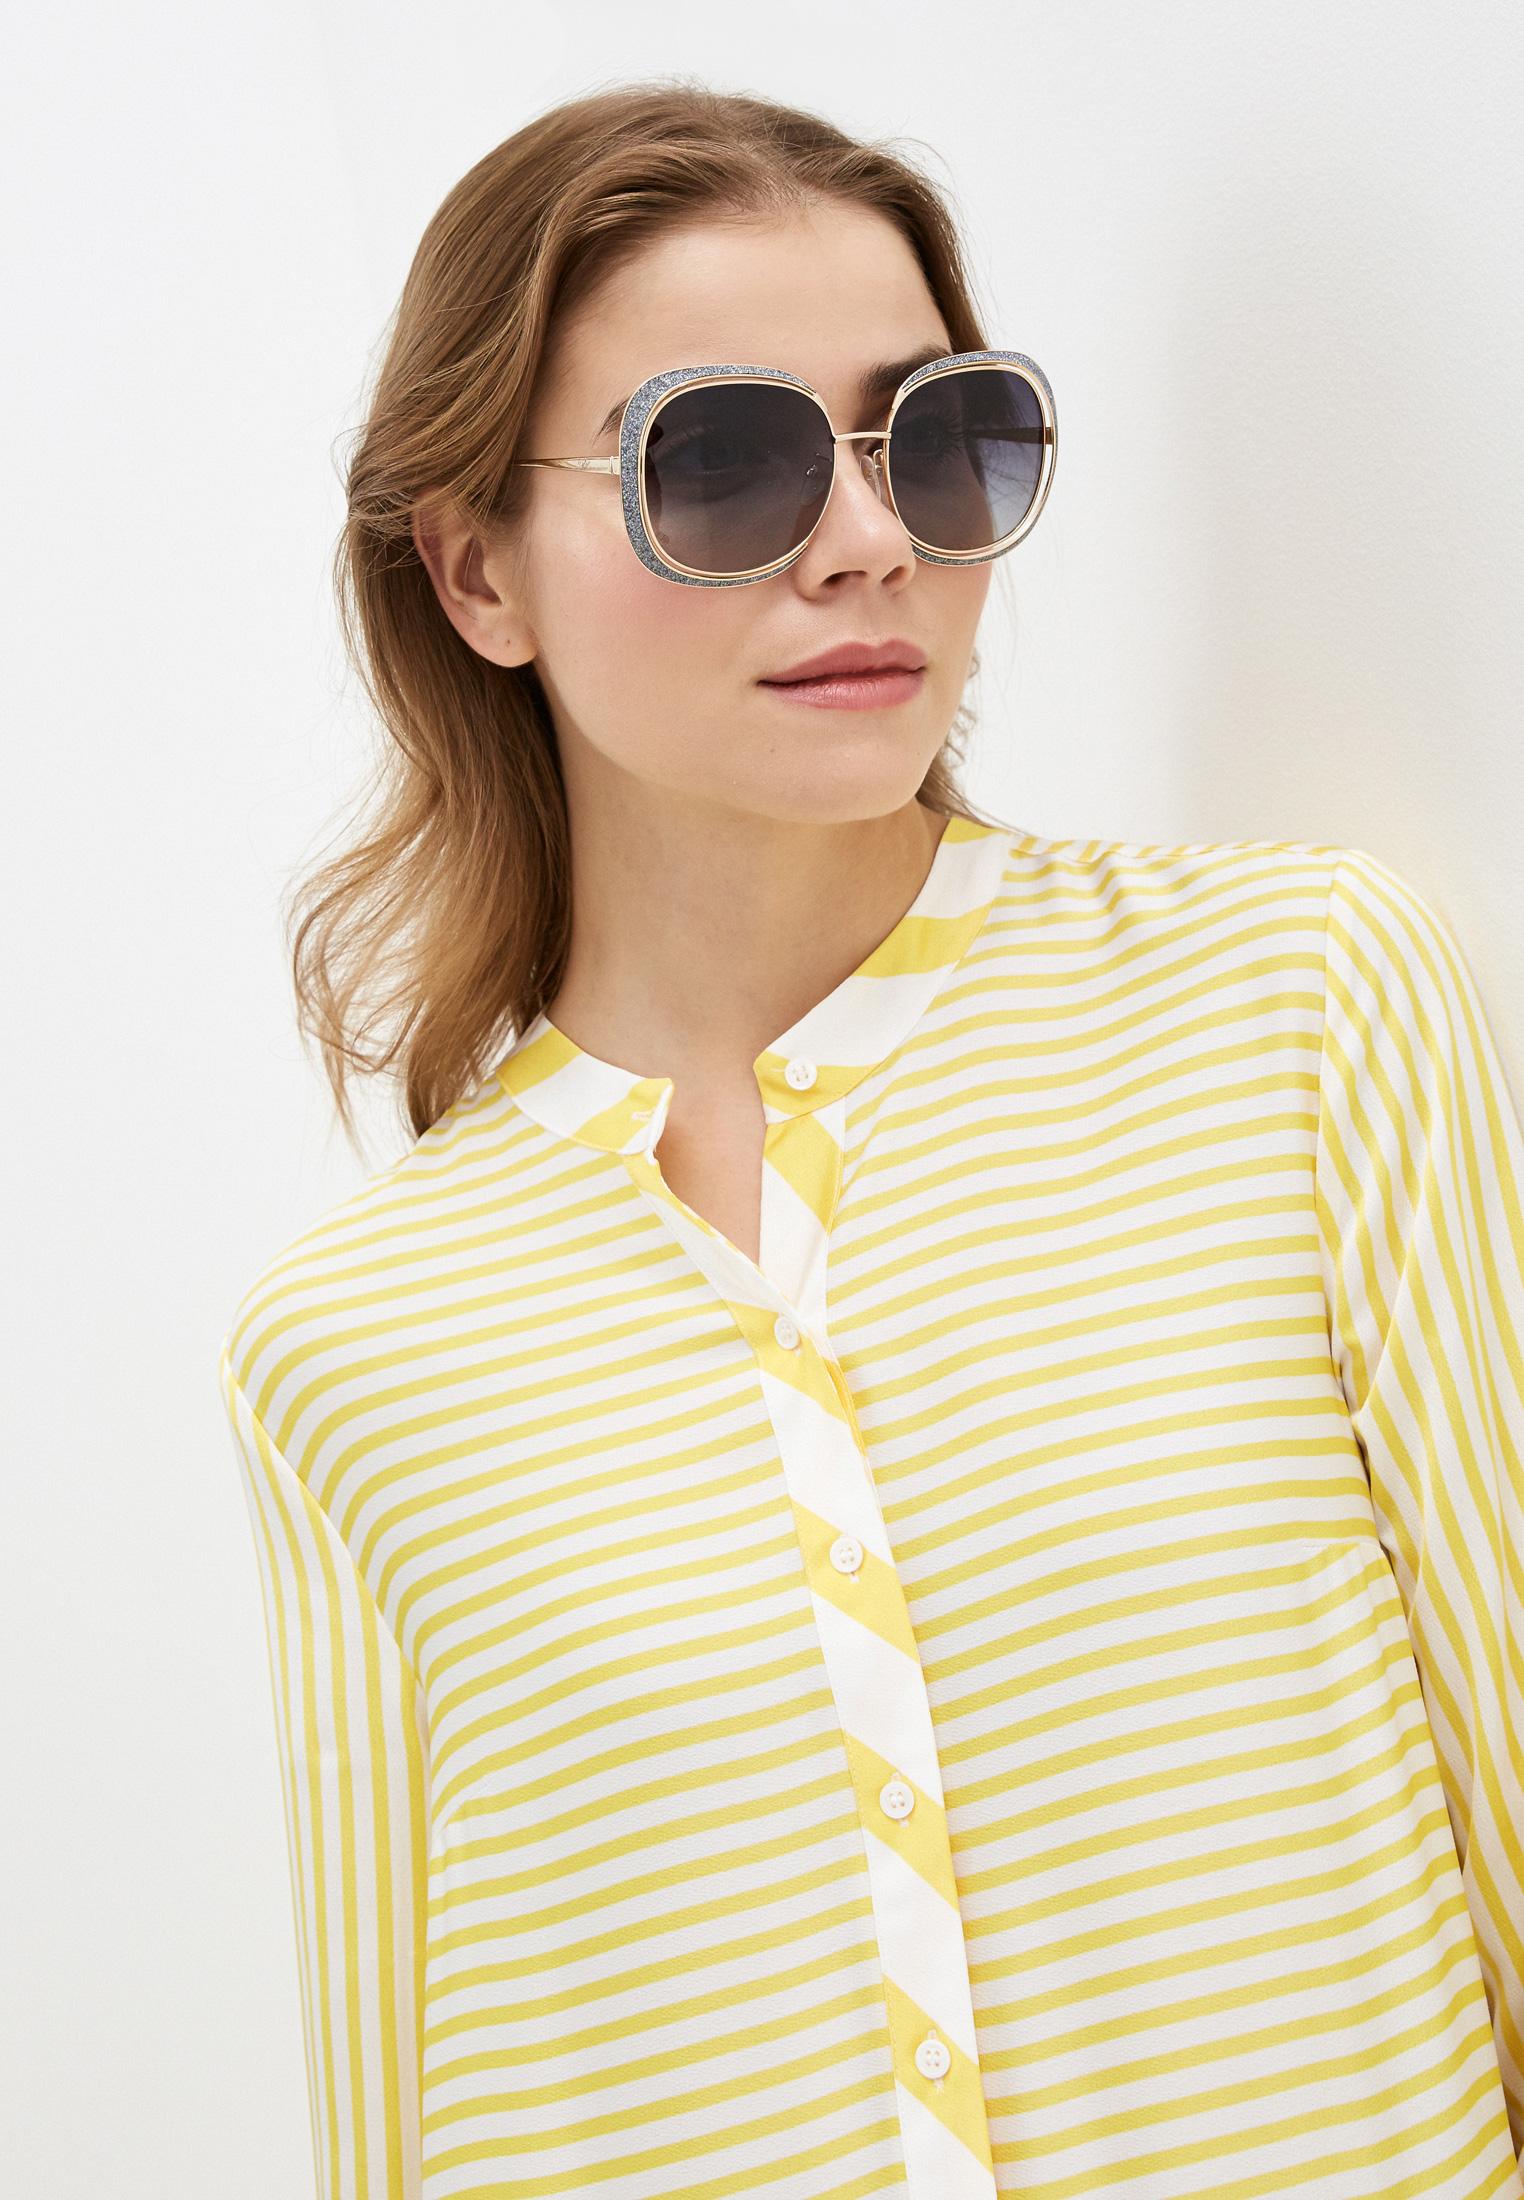 Женские солнцезащитные очки Blumarine Blumarine-122-300F